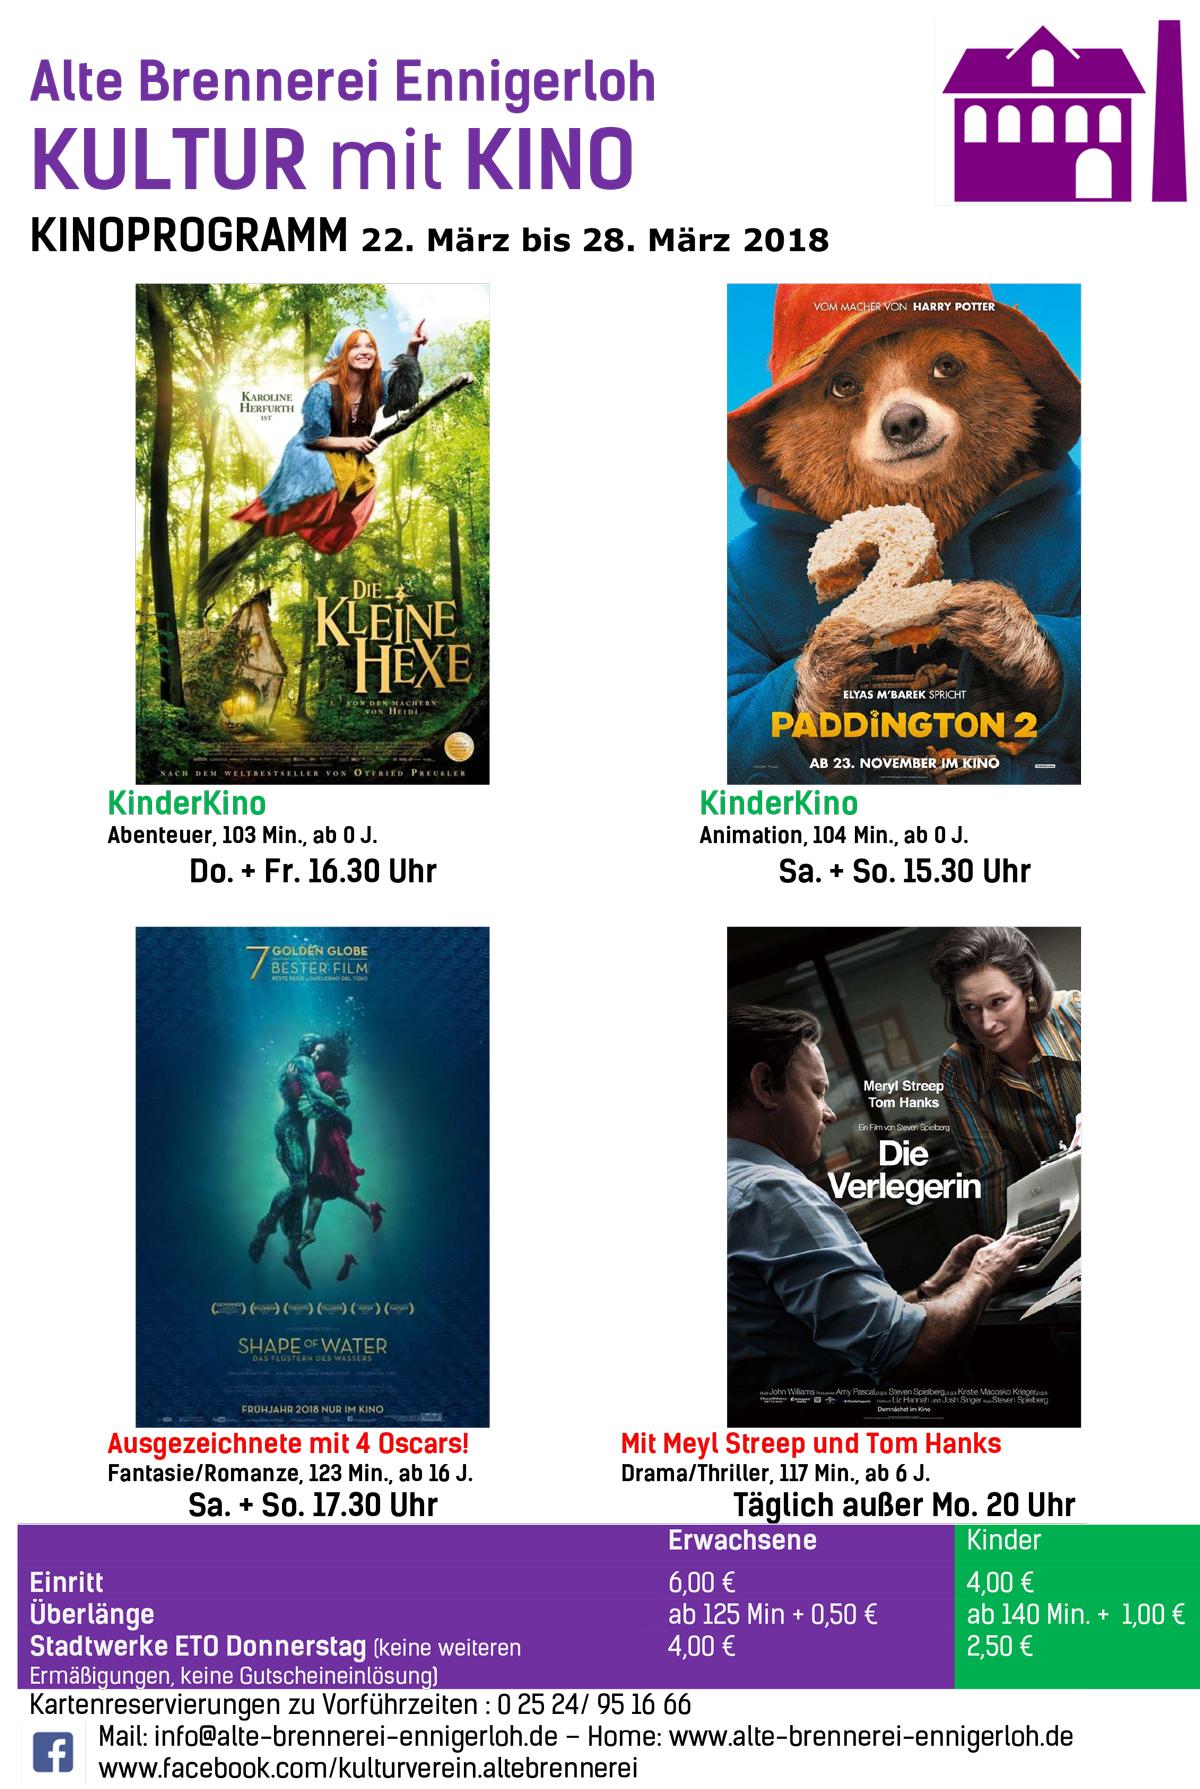 Kino Programm Cinestar